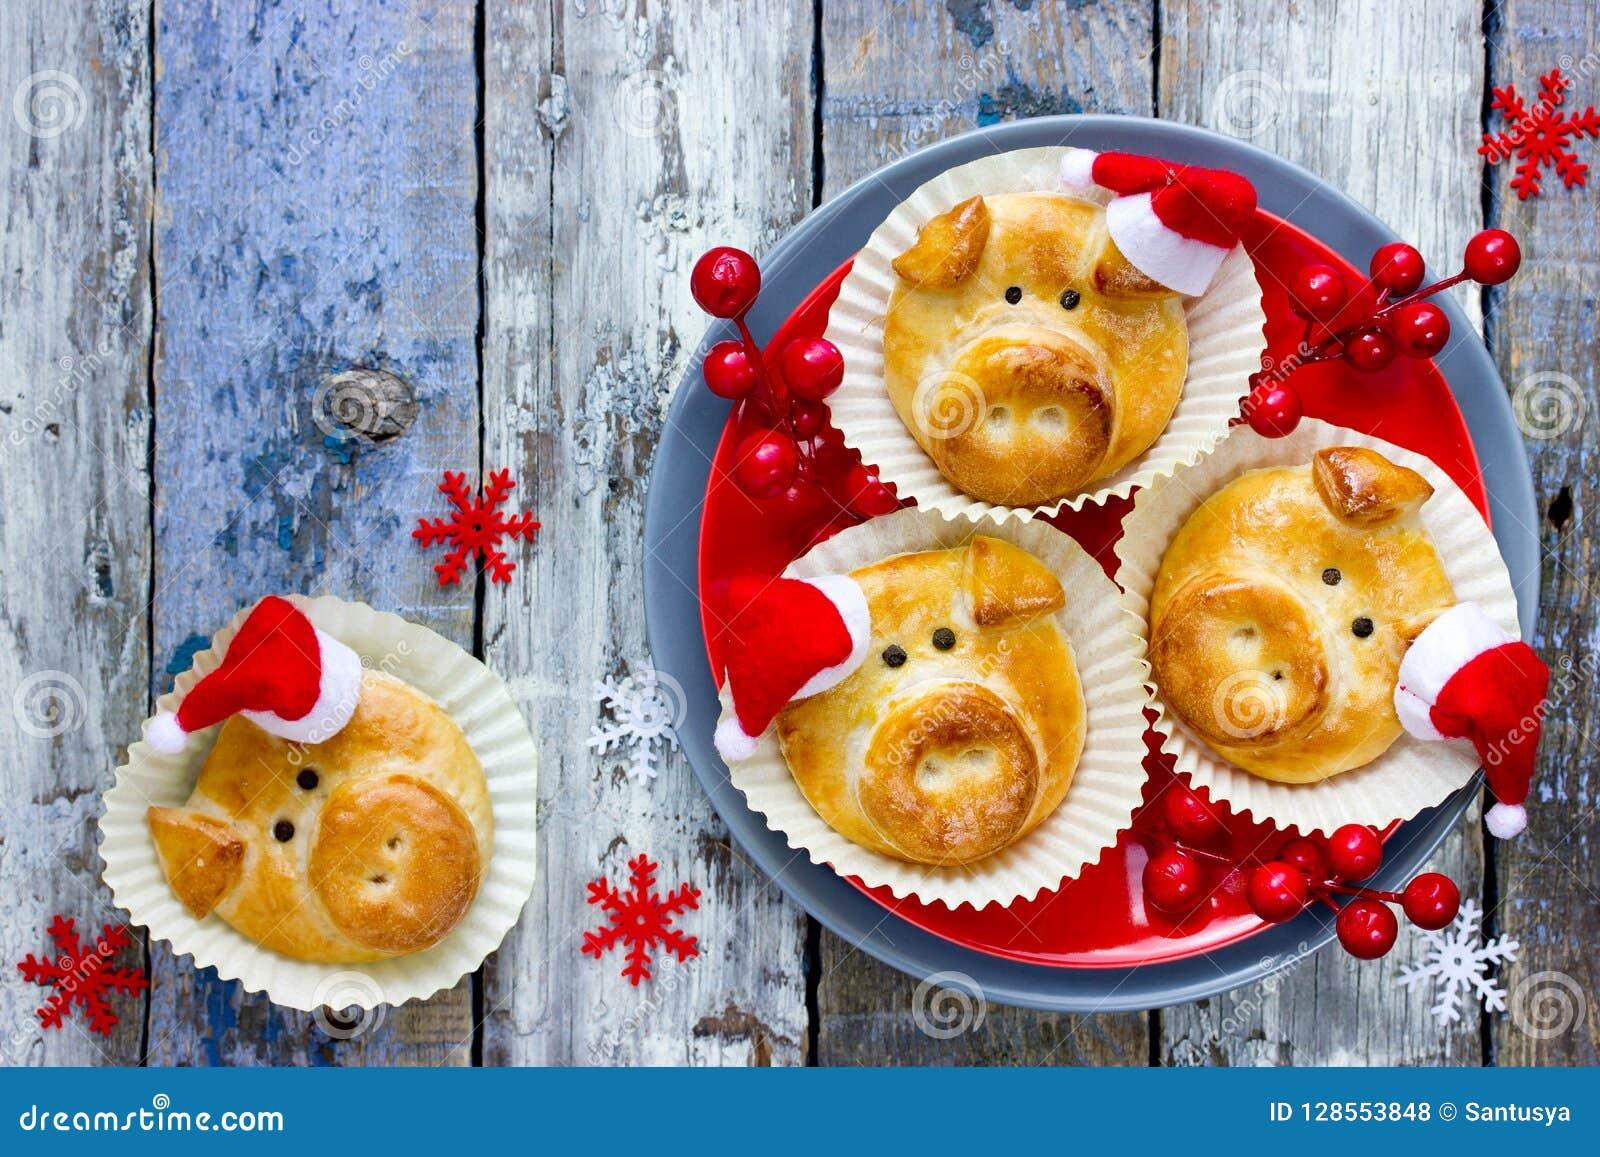 De broodjes van het varkensbrood, grappige bakselidee gestalte gegeven leuke piggy gezichten